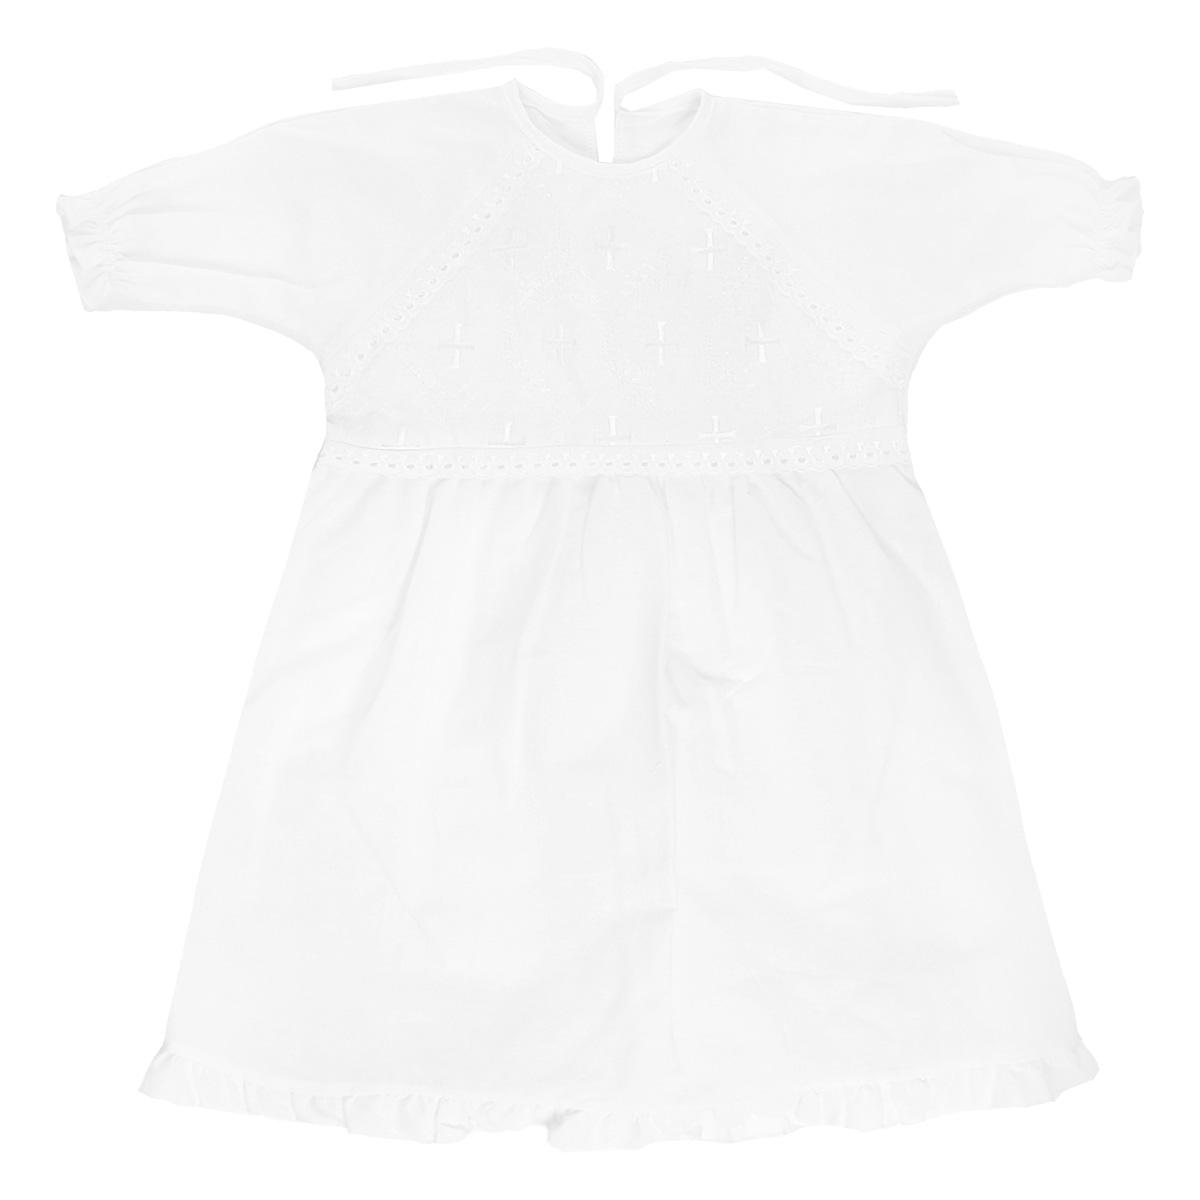 Крестильный набор1149Крестильная рубашка для девочки Трон-плюс, выполненная из натурального хлопка, идеально подойдет для крещения вашей малышки. Рубашка необычайно мягкая и приятная на ощупь, не сковывает движения и позволяет коже дышать, не раздражает нежную кожу ребенка, обеспечивая ему наибольший комфорт. Рубашка трапециевидной формы с рукавами-реглан имеет две завязки на спинке, которые помогают с легкостью переодеть младенца. На груди рубашечка украшена ажурными рюшами и вышивками. Низ рукавов дополнен эластичной резинкой, не сдавливающей запястья малышки, а низ изделия украшен очаровательной оборкой, придающей рубашечке пышность. От линии талии заложены складочки, придающие рубашке пышность. Благодаря такой рубашке ваша малышка не замерзнет, и будет выглядеть нарядно.